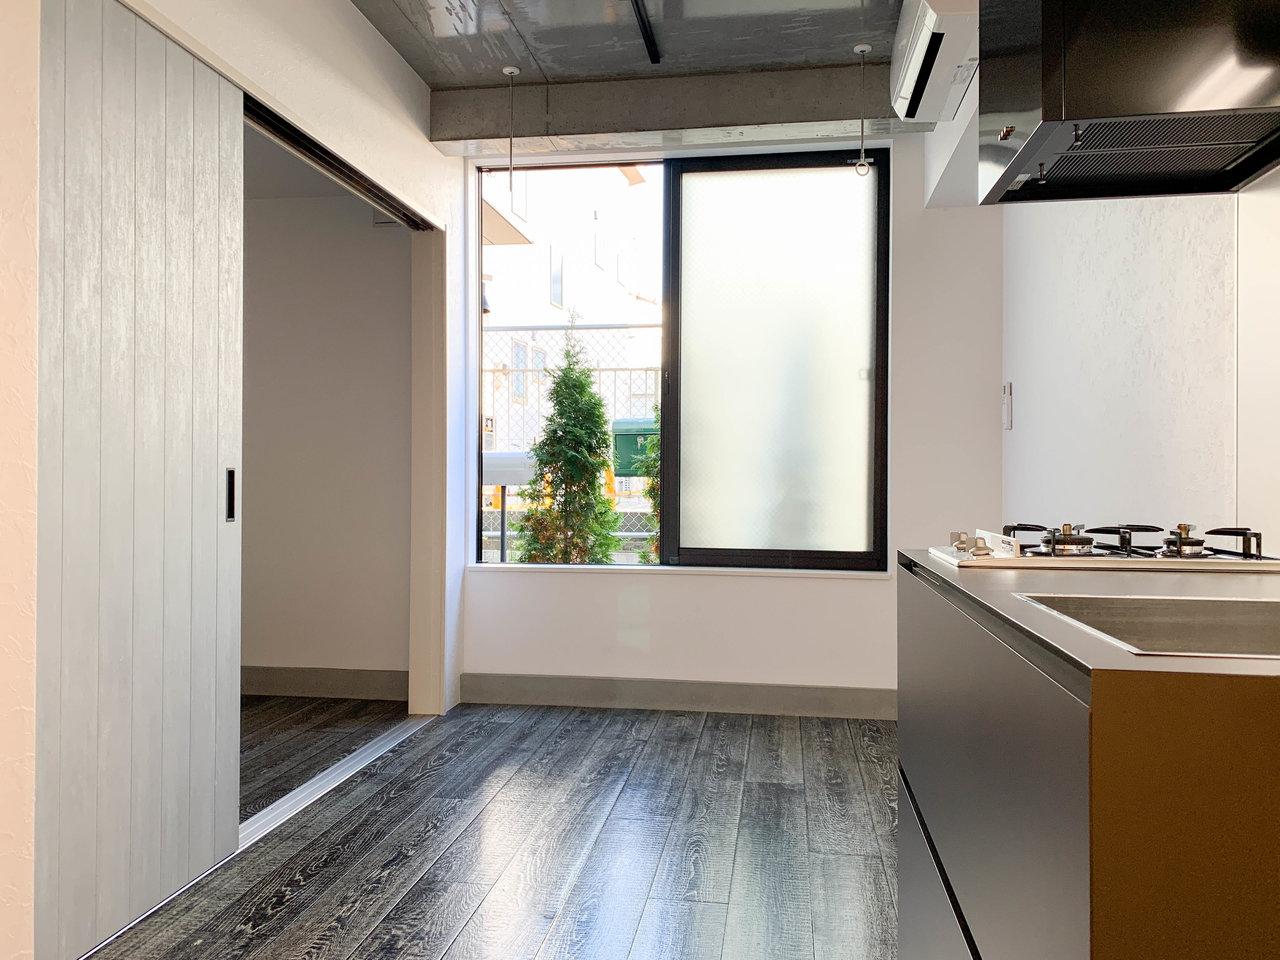 リビングと寝室をきっちり扉で仕切ることができる、1LDKのお部屋です。壁紙は白や、コンクリート打ちっ放しのようなグレーの色合い。天井も同じくグレーです。